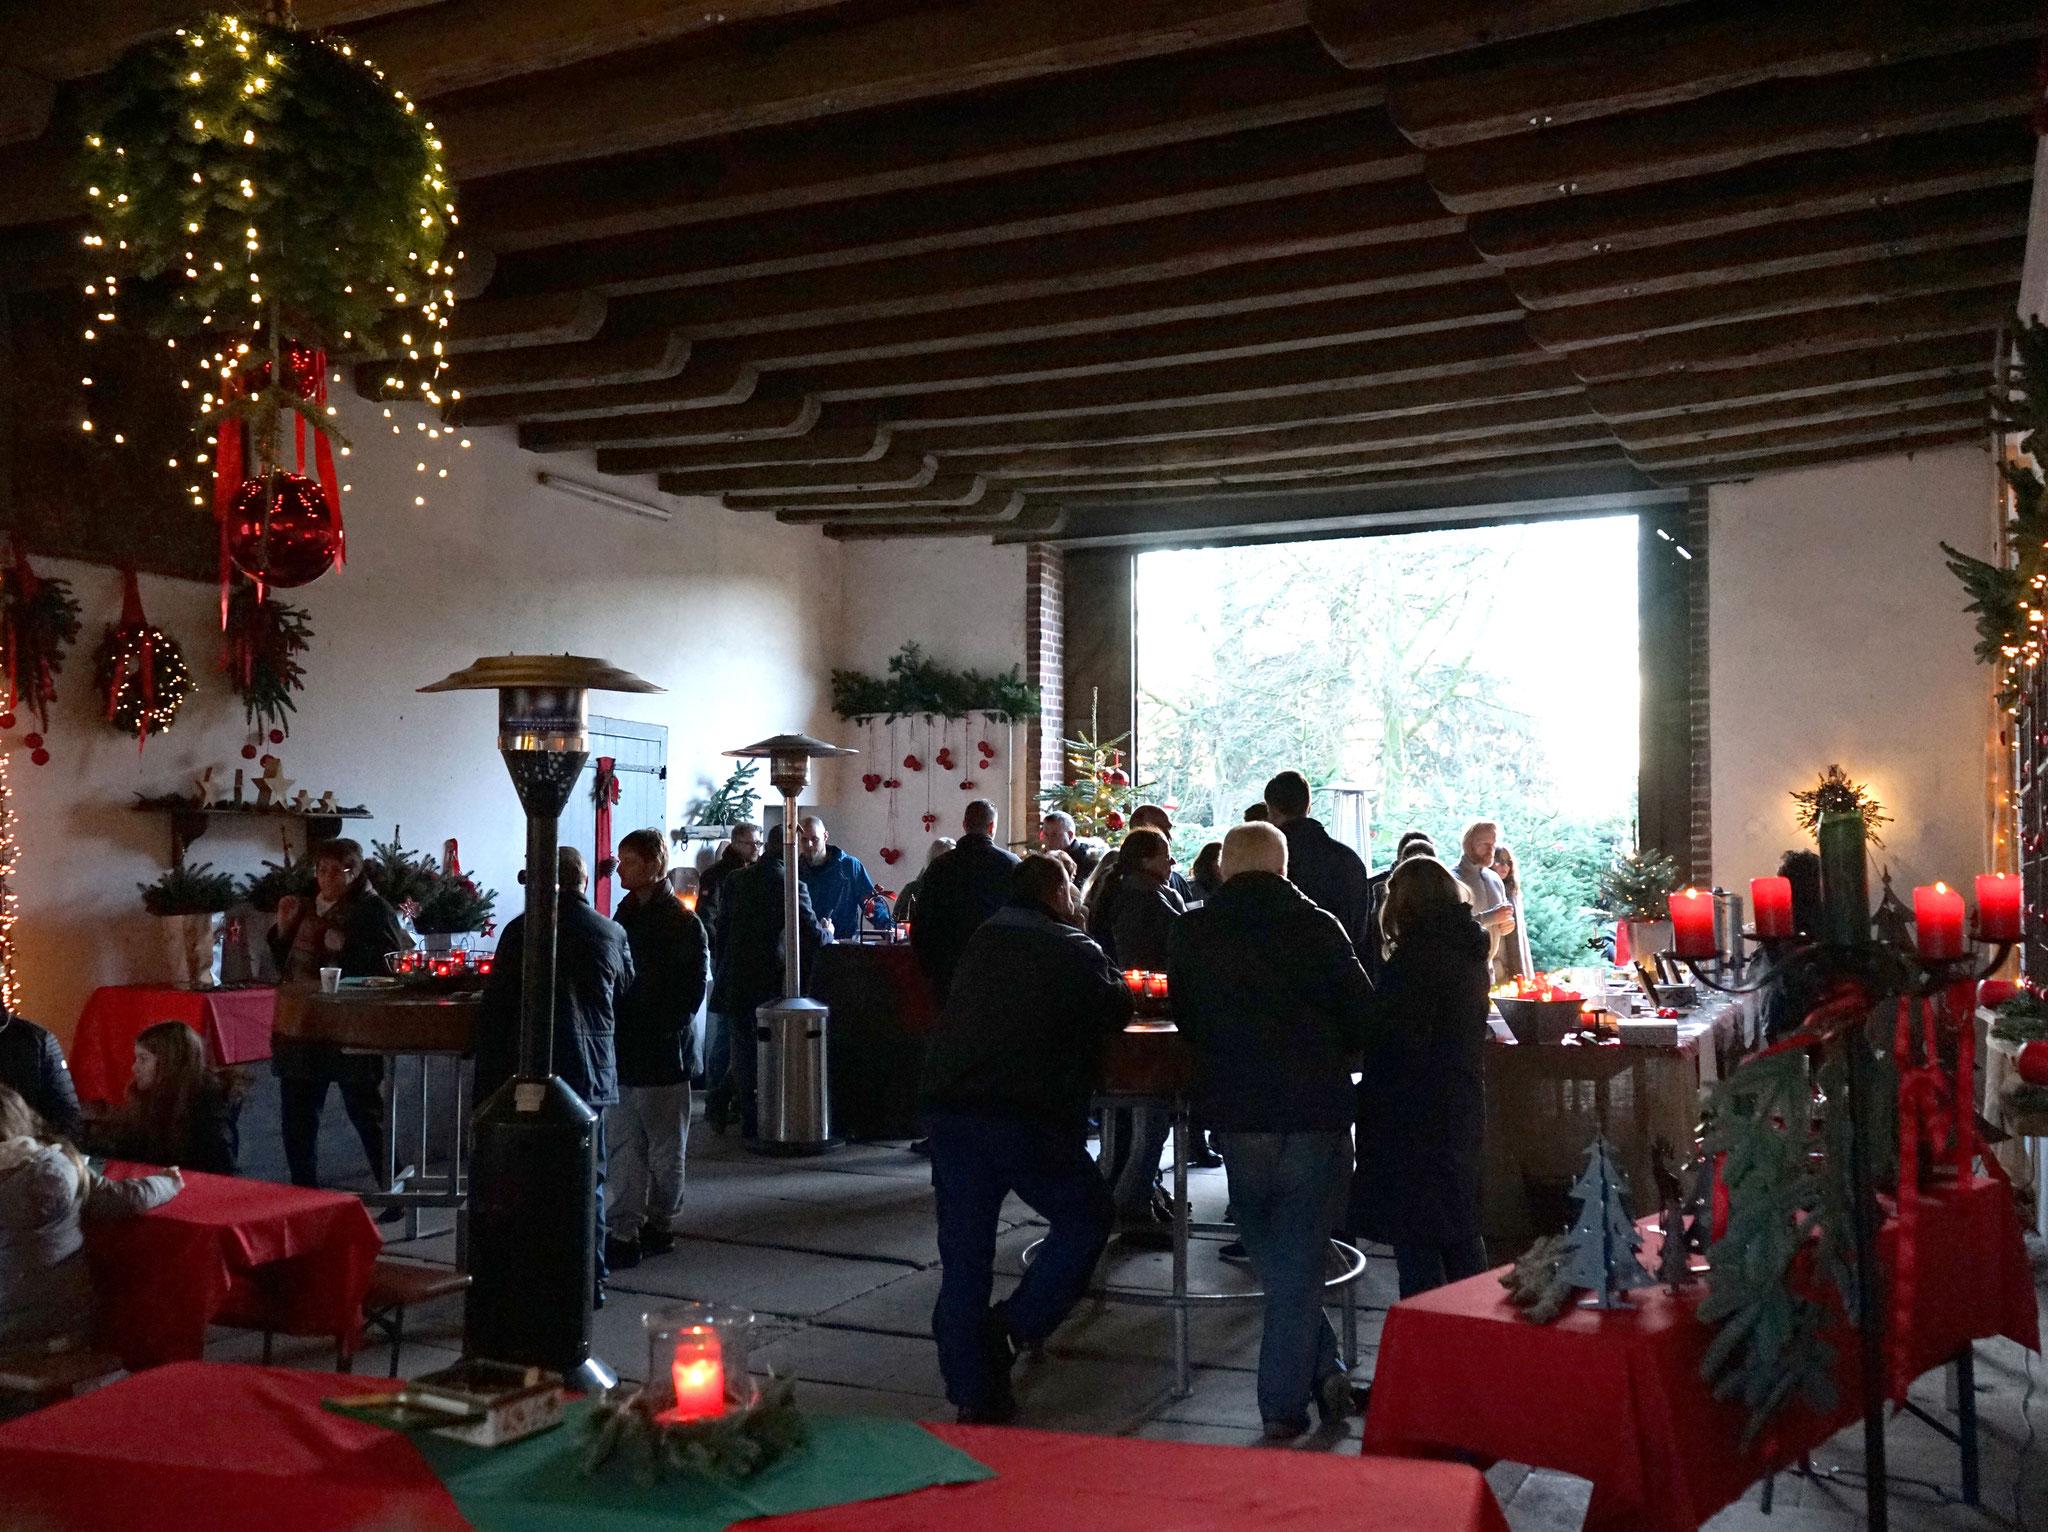 Dortmund Weihnachtsbaum Kaufen.Arche Hof Gut Vellinghausen Dortmund Die Schönsten Weihnachtsbäume